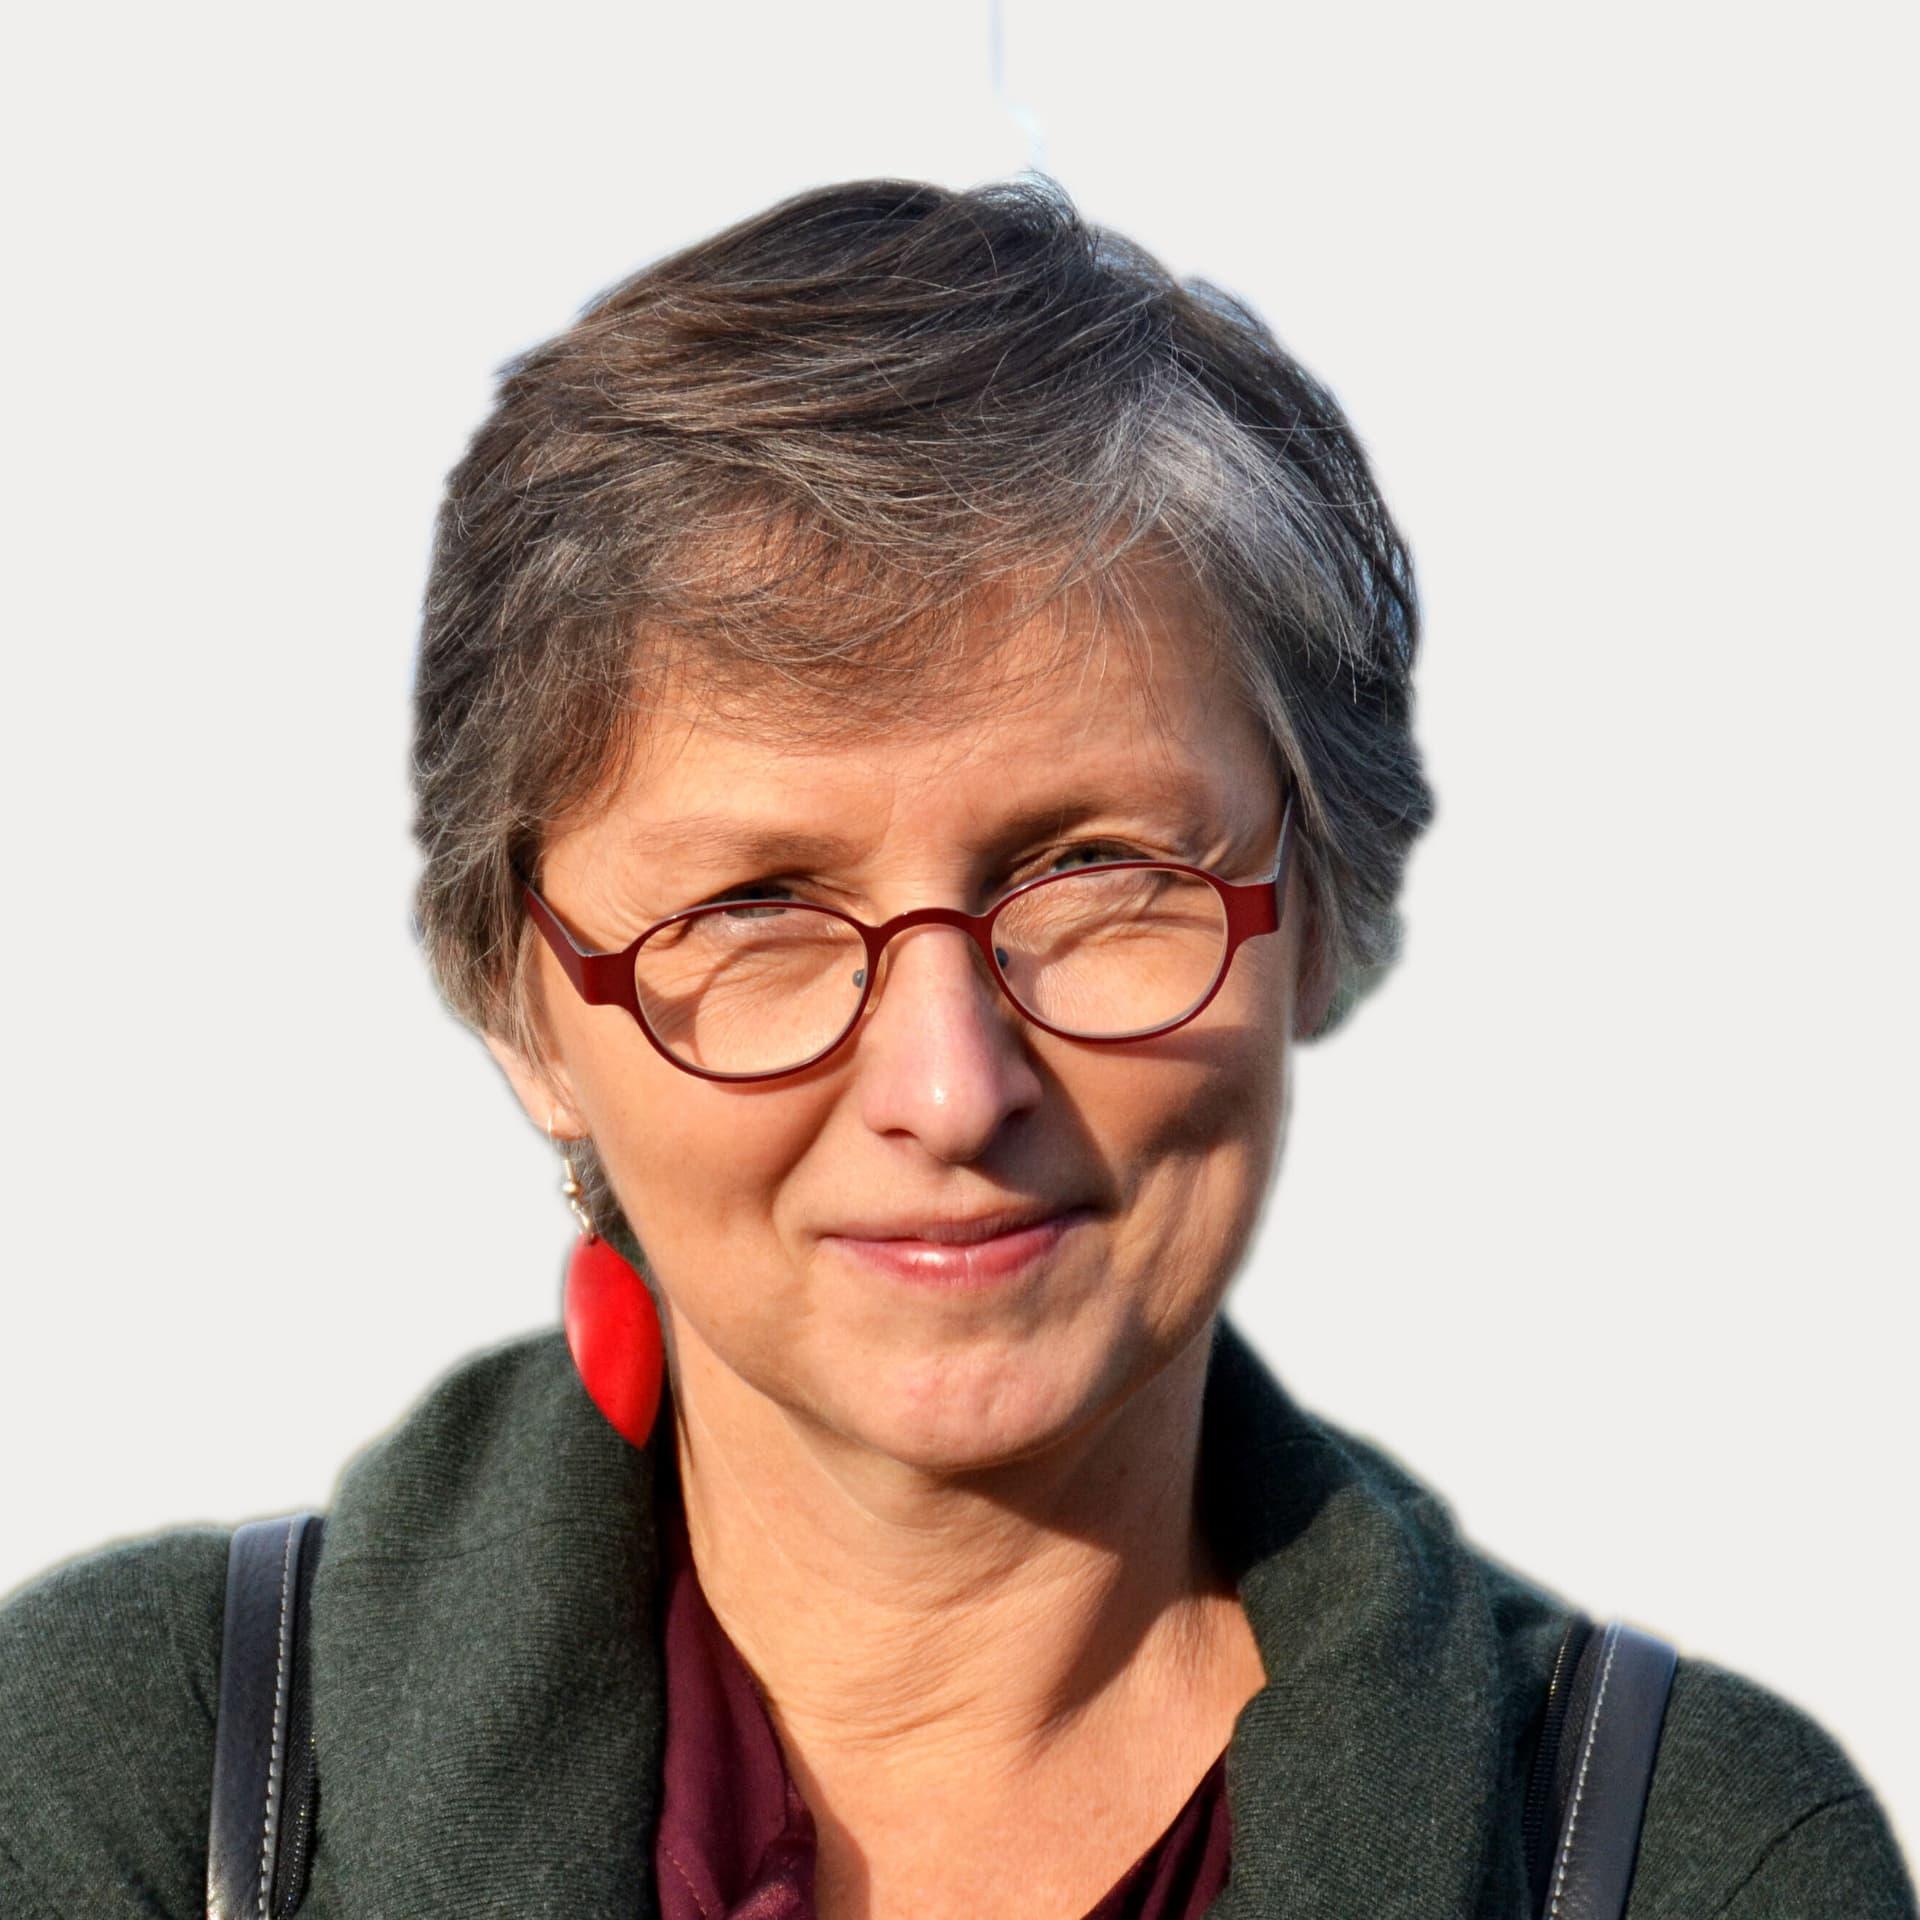 Eine grauhaarige Frau mit dunkelroter Nickelbrille